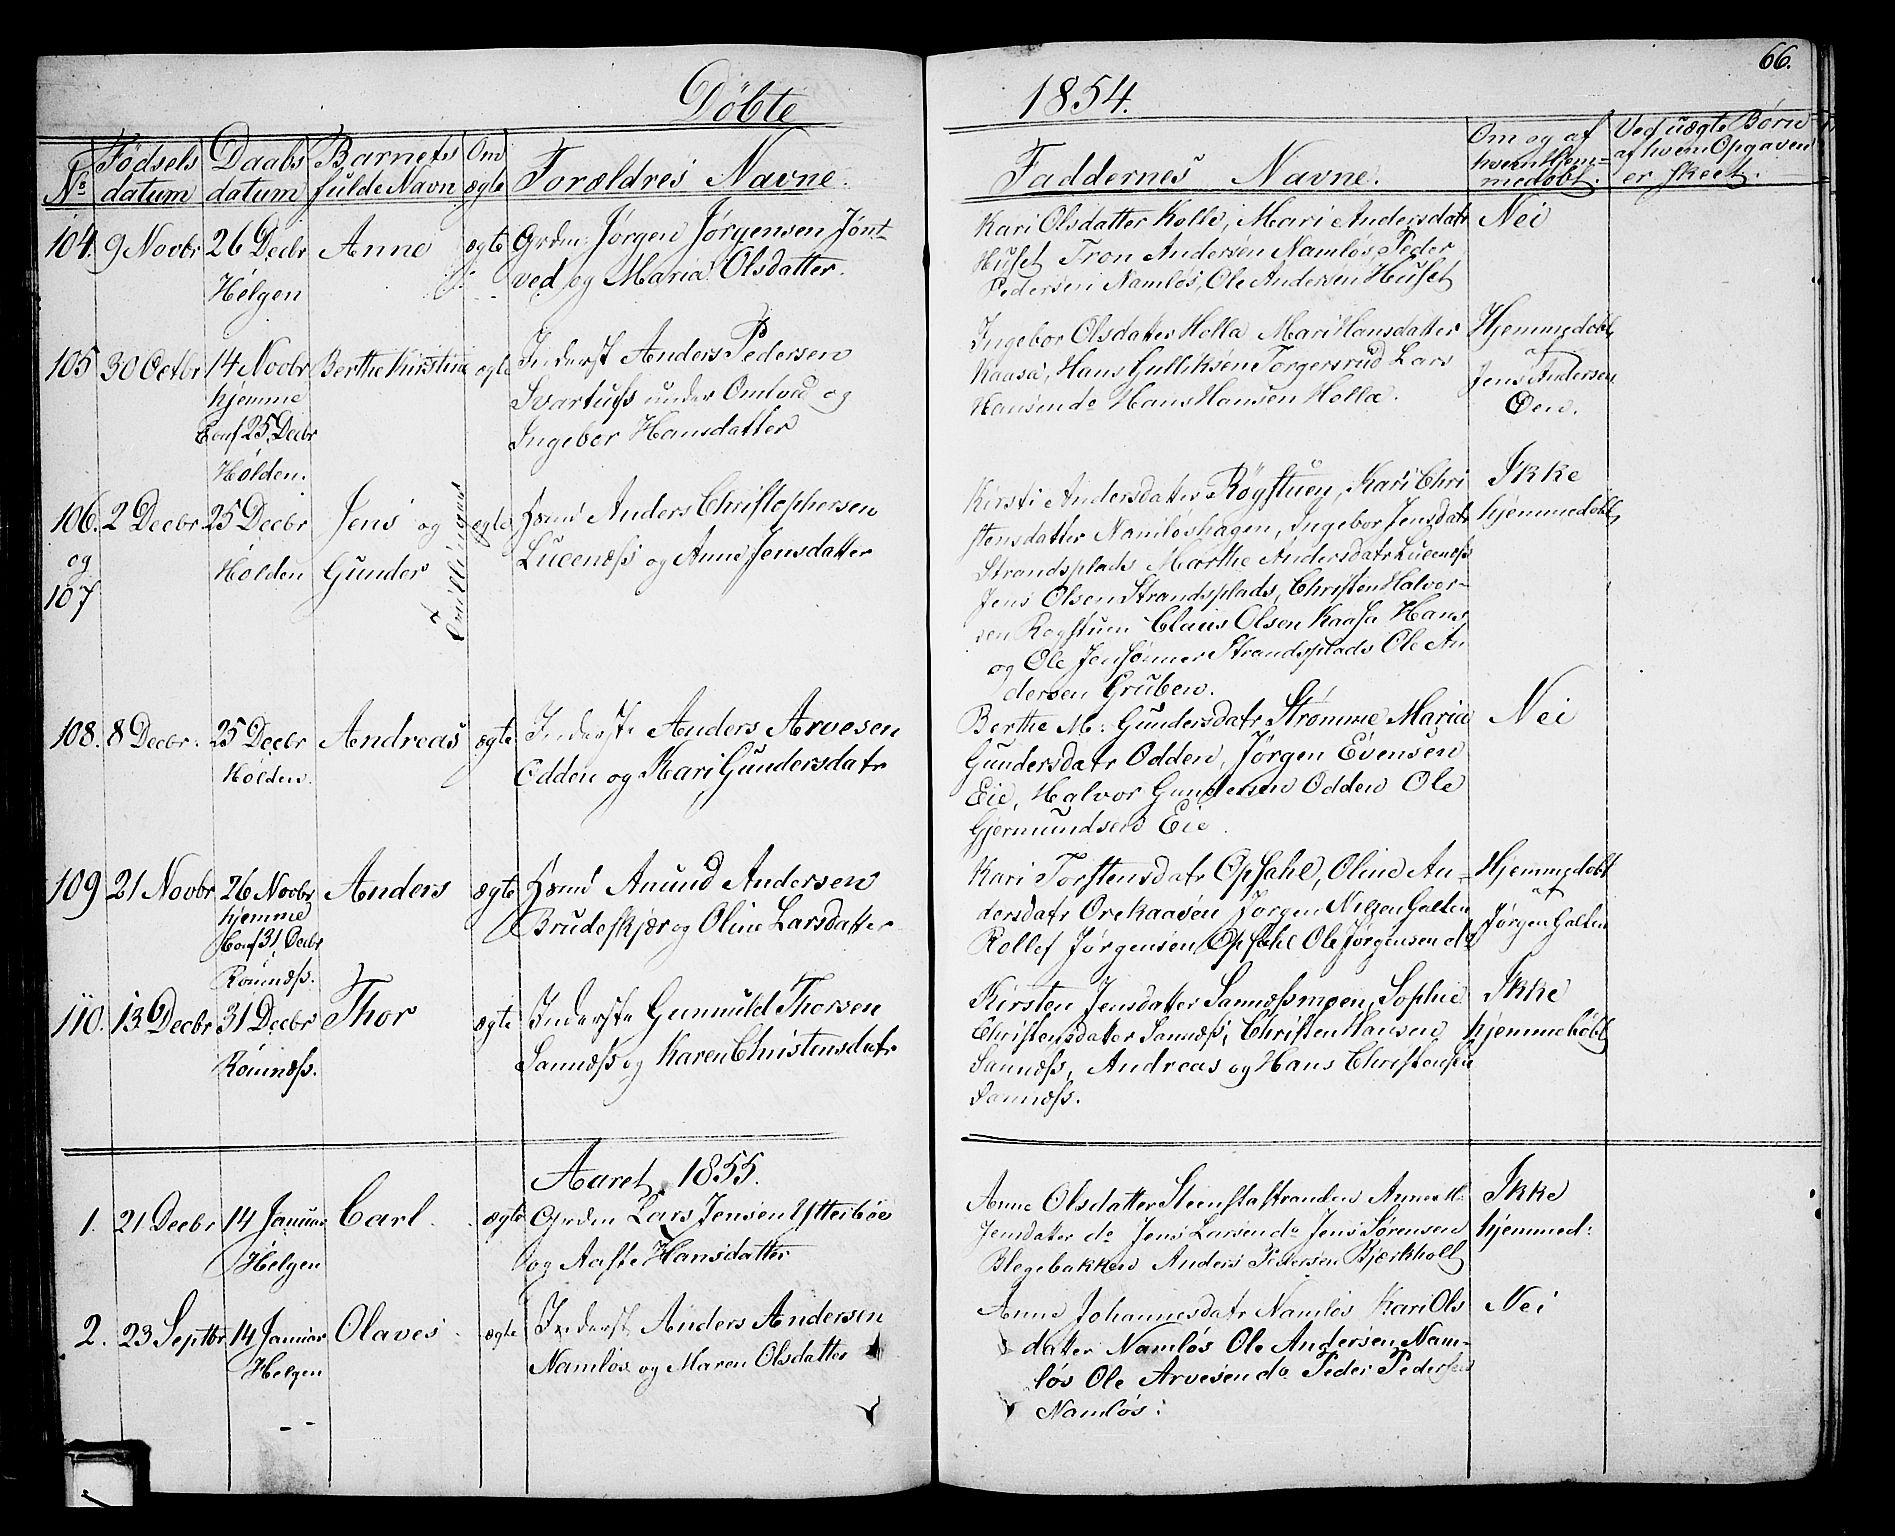 SAKO, Holla kirkebøker, G/Ga/L0003: Klokkerbok nr. I 3, 1849-1866, s. 66